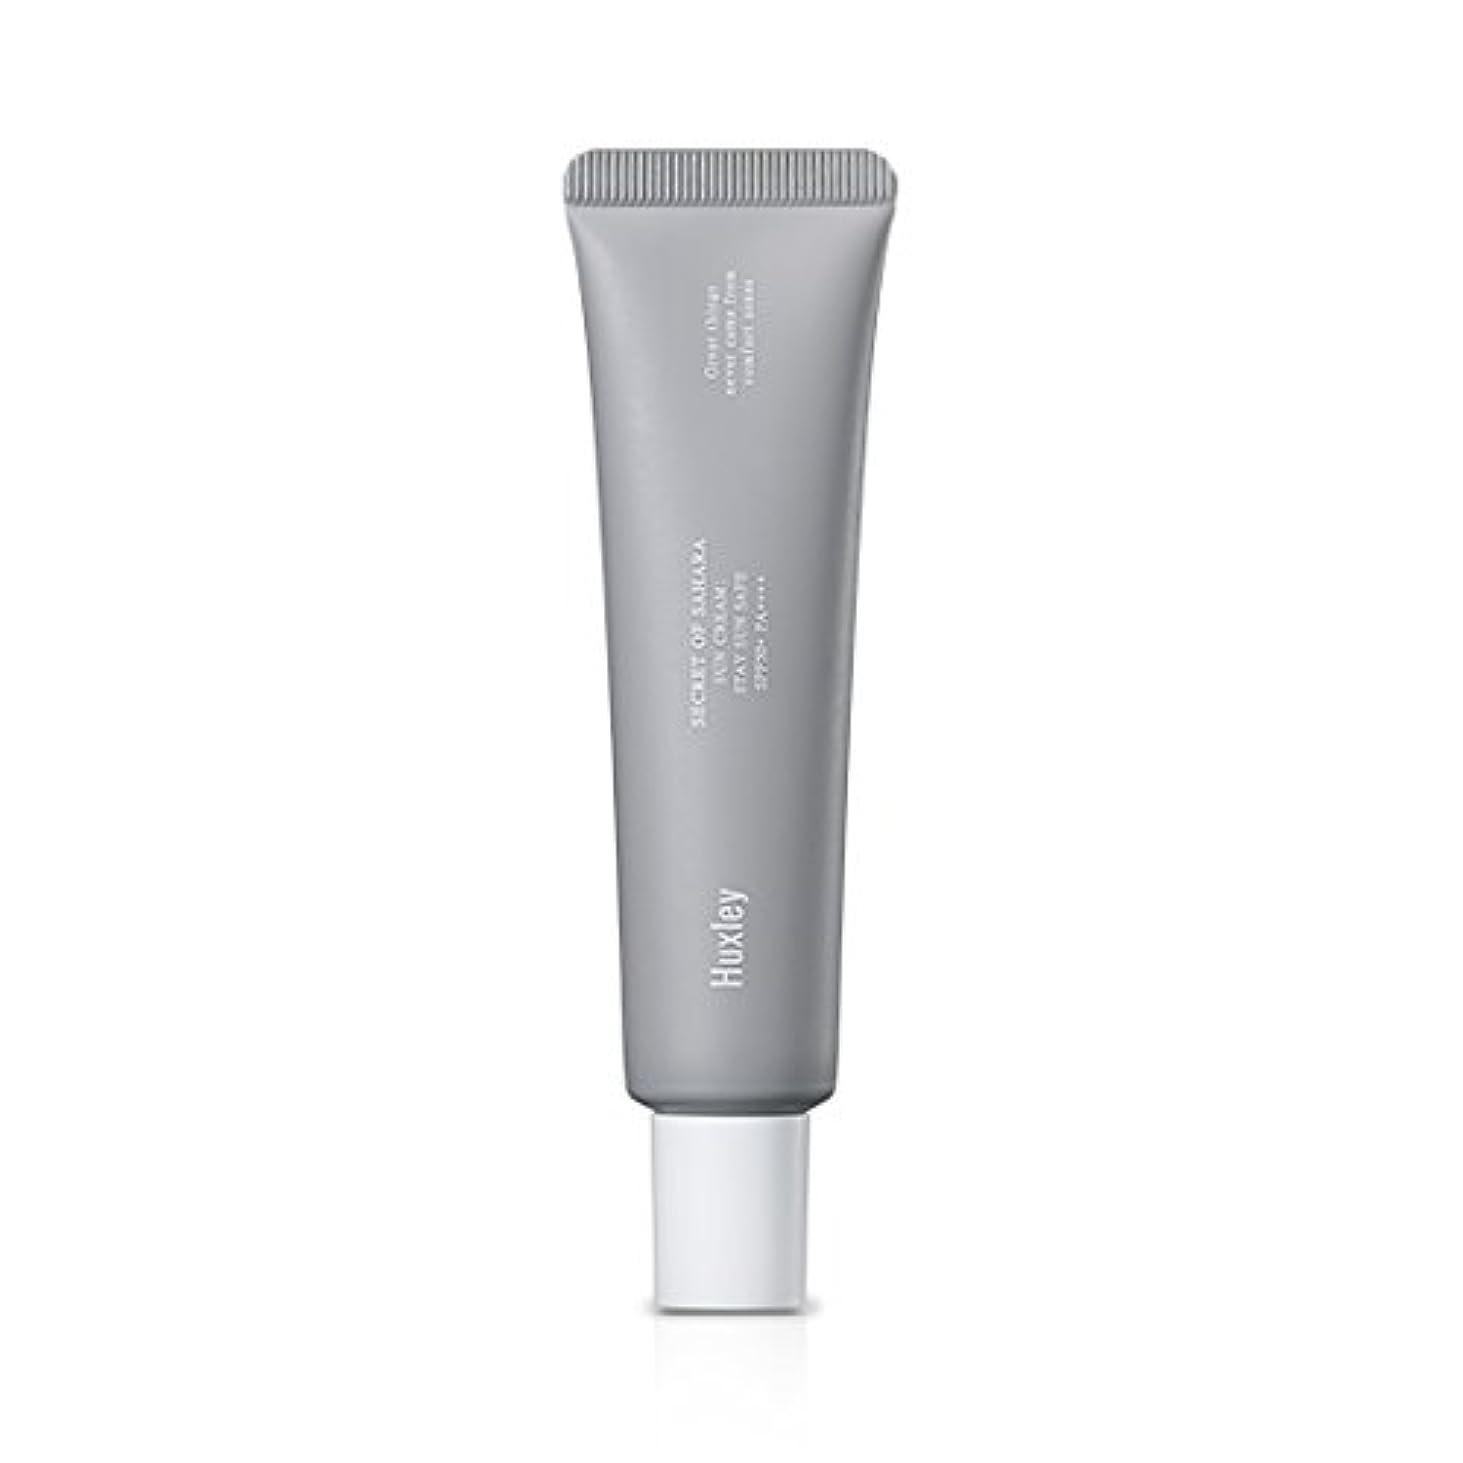 概して治世で出来ているHuxley Sun Cream;Stay Sun Safe 35ml (SPF50+ PA++++)/ハクスリー サンクリーム;ステイ サン セーフ 35ml (SPF50+ PA++++) [並行輸入品]